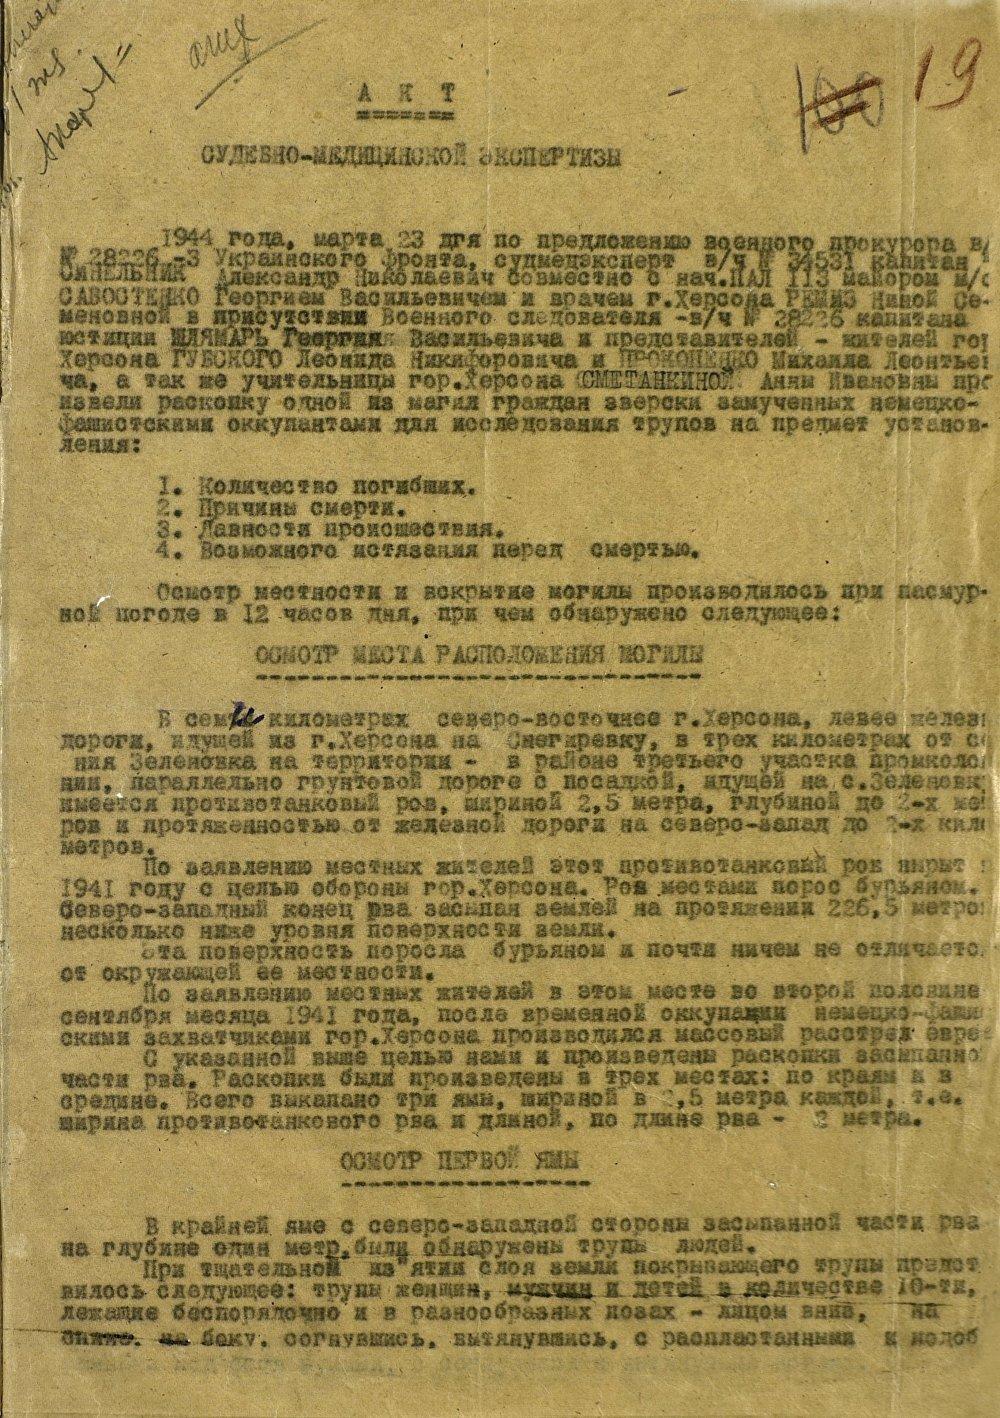 Informe acerca de los exámenes médicos legales, llevados a cabo tras la exhumación de los cuerpos de los ciudadanos soviéticos muertos y torturados por los invasores alemanes